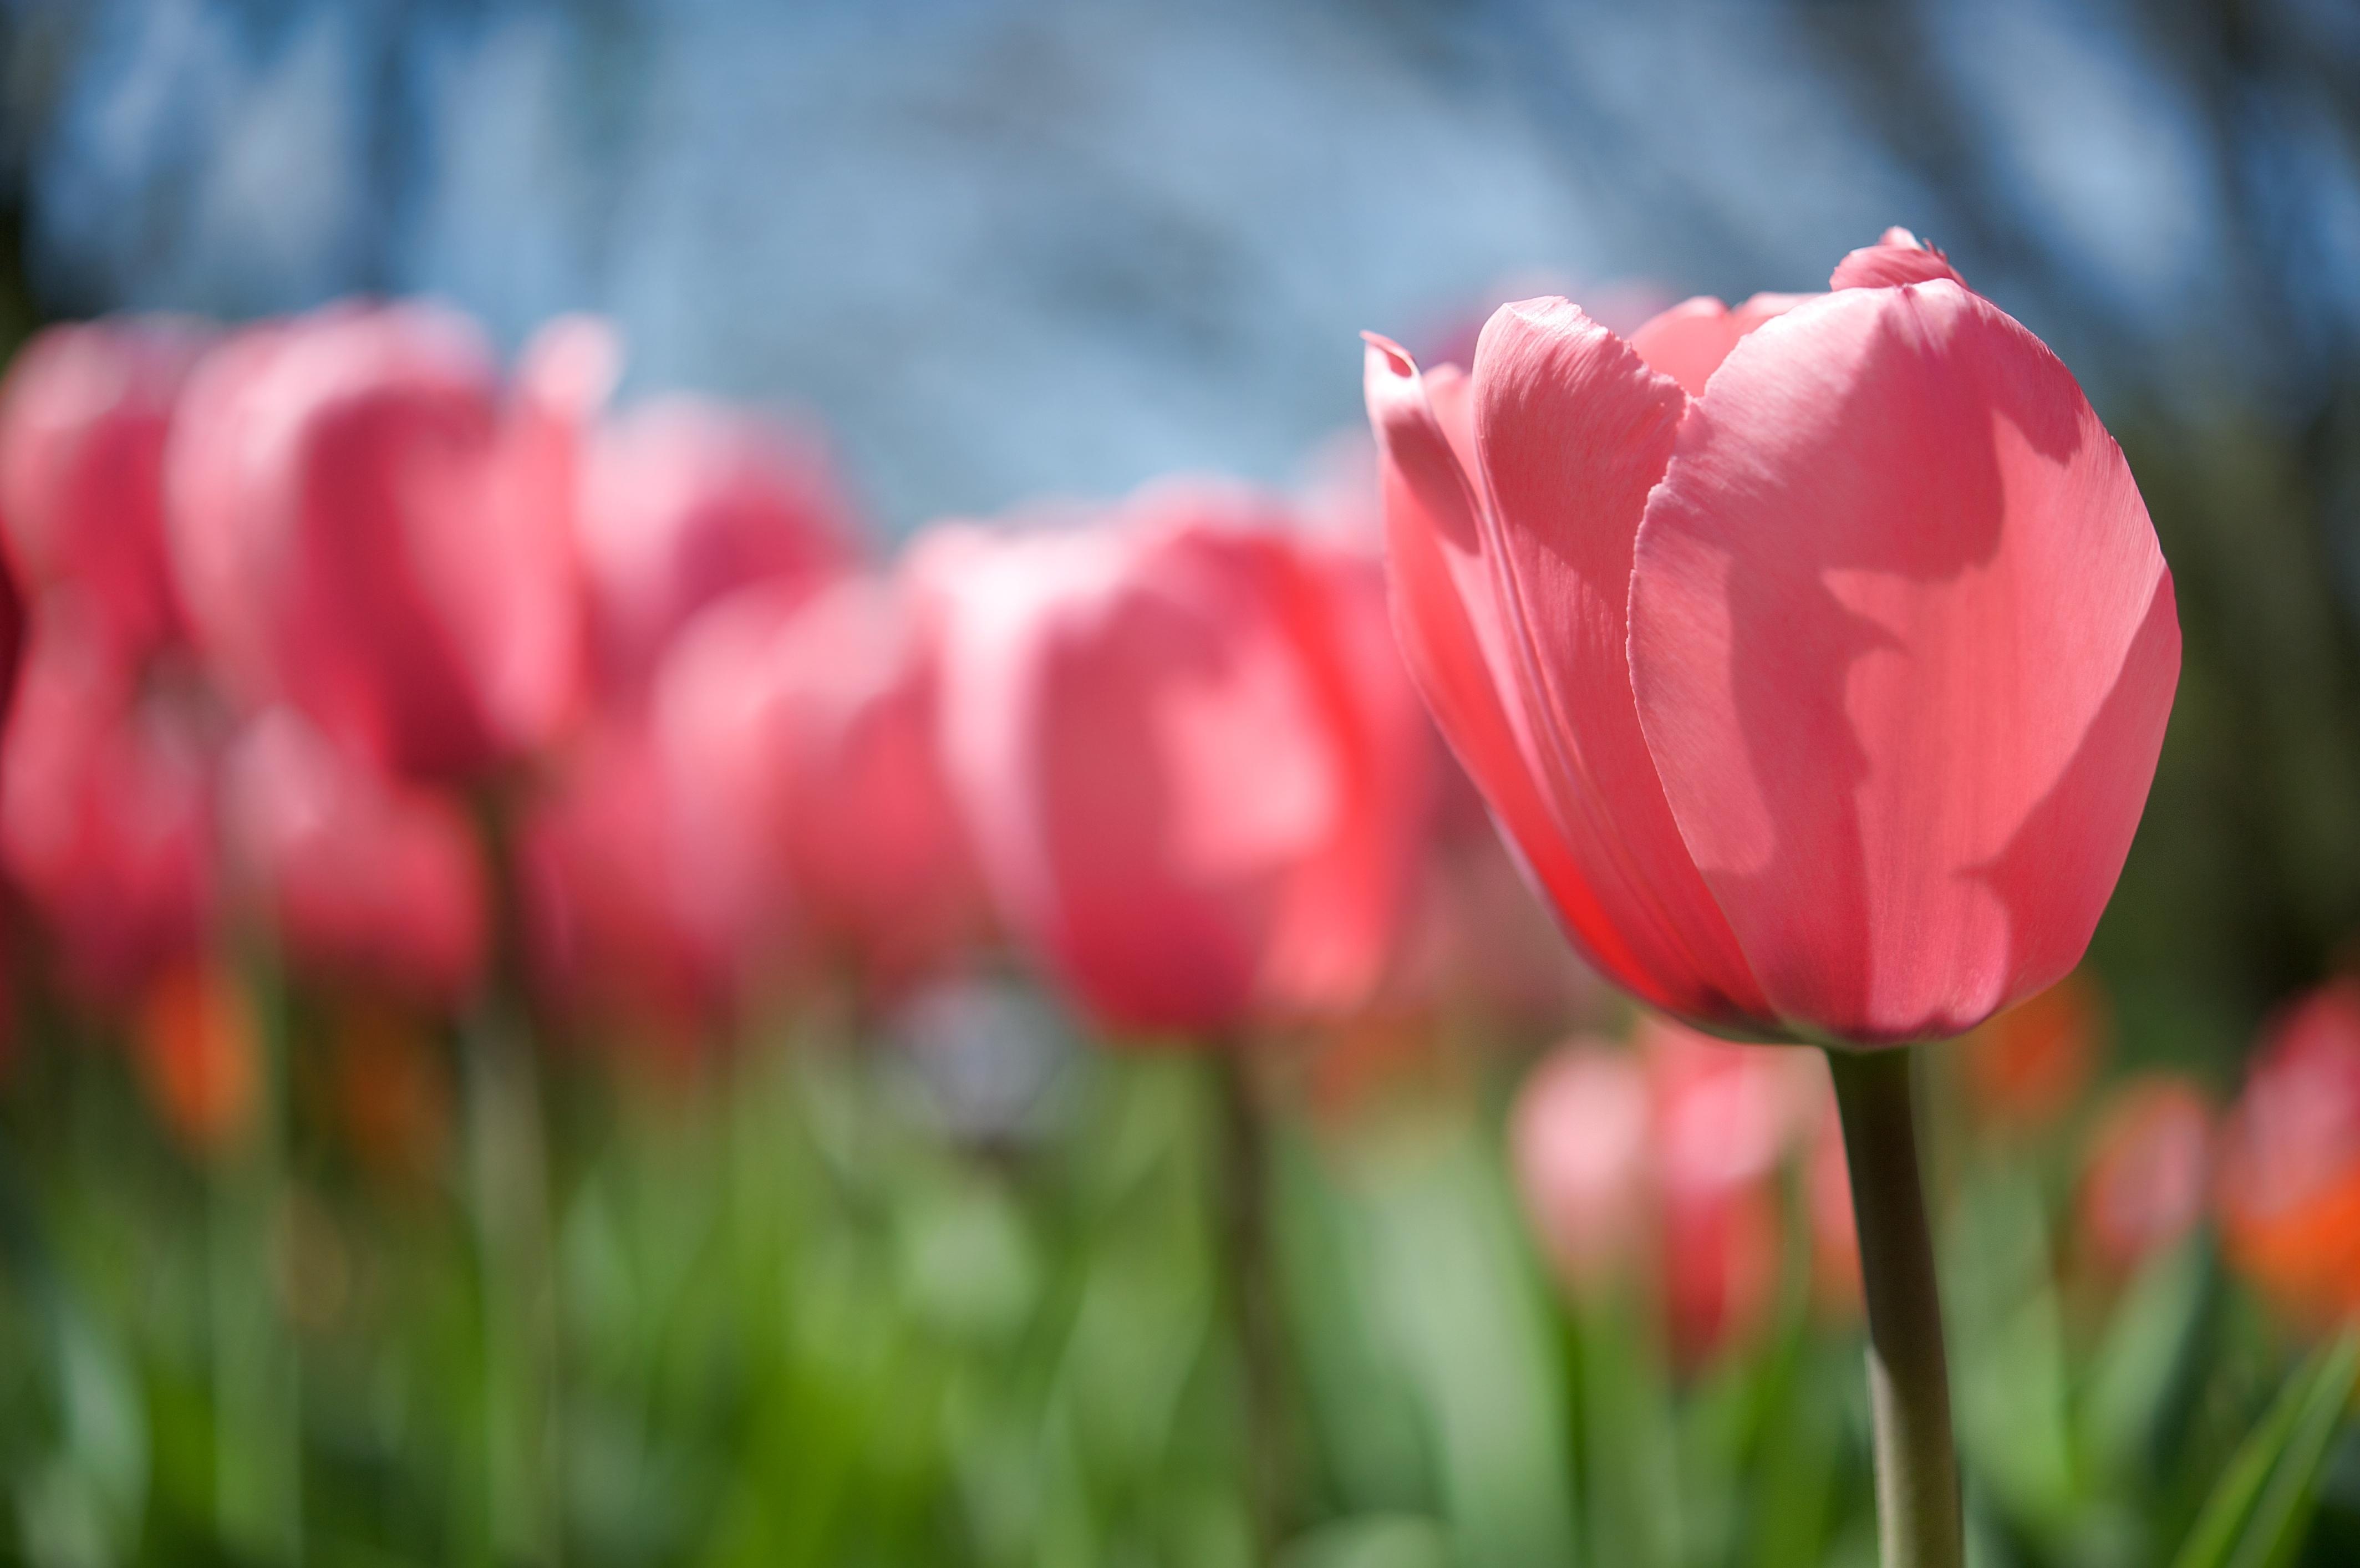 макро цветы красные природа тюльпаны  № 3286286 загрузить